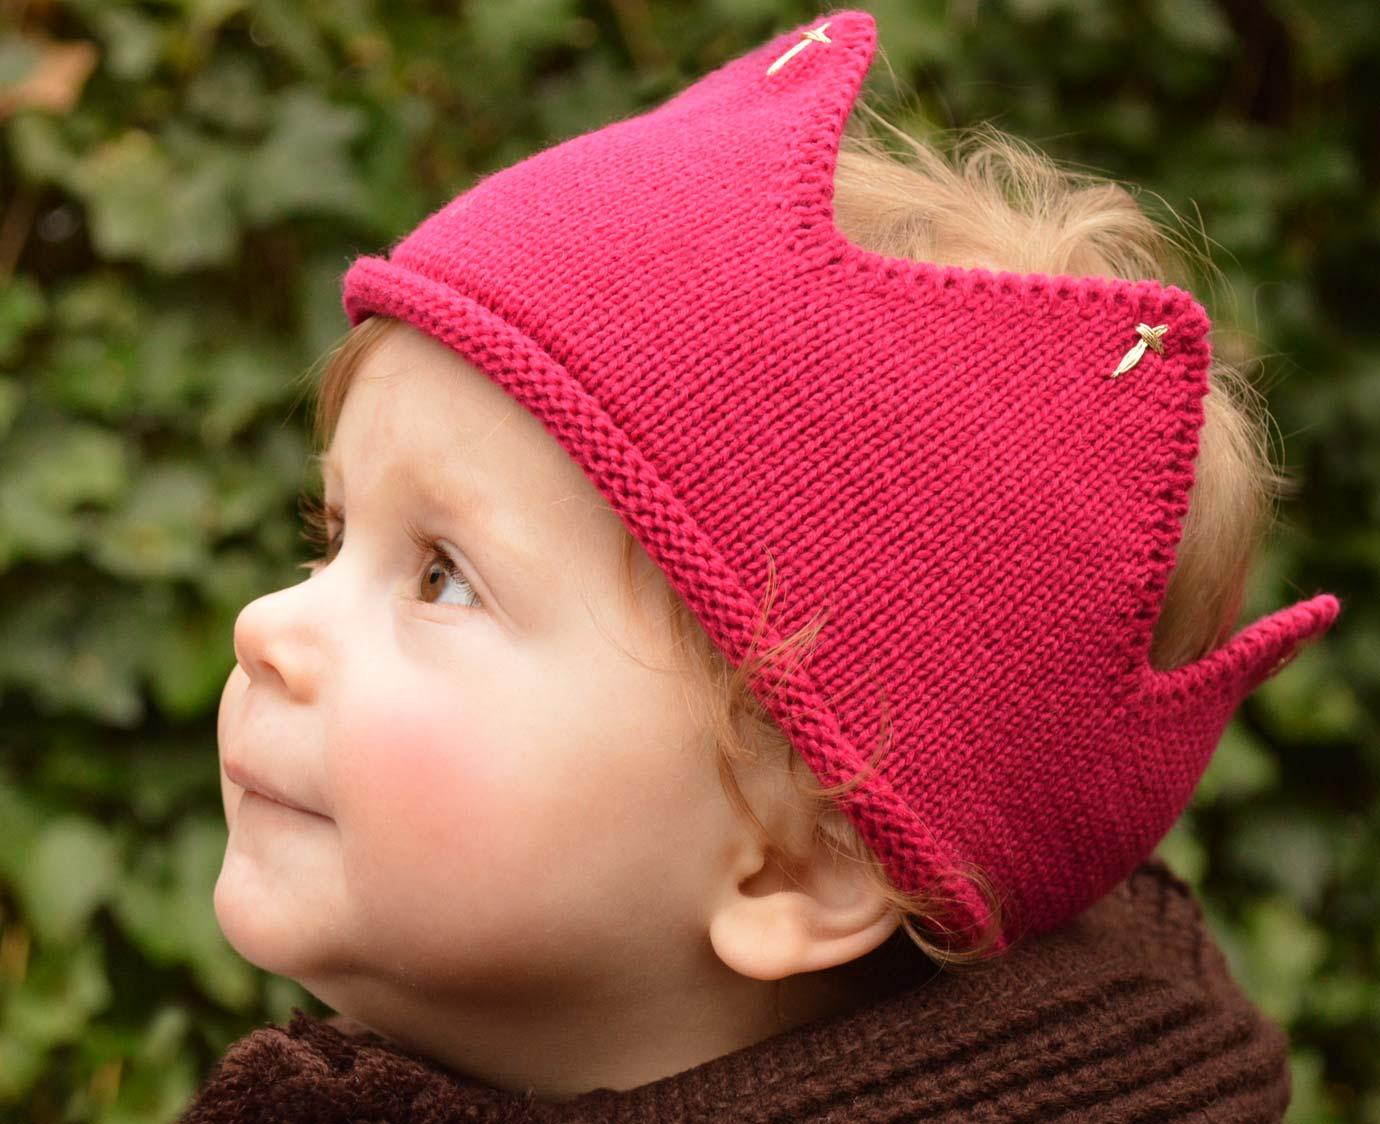 Kroontje 'Pink'